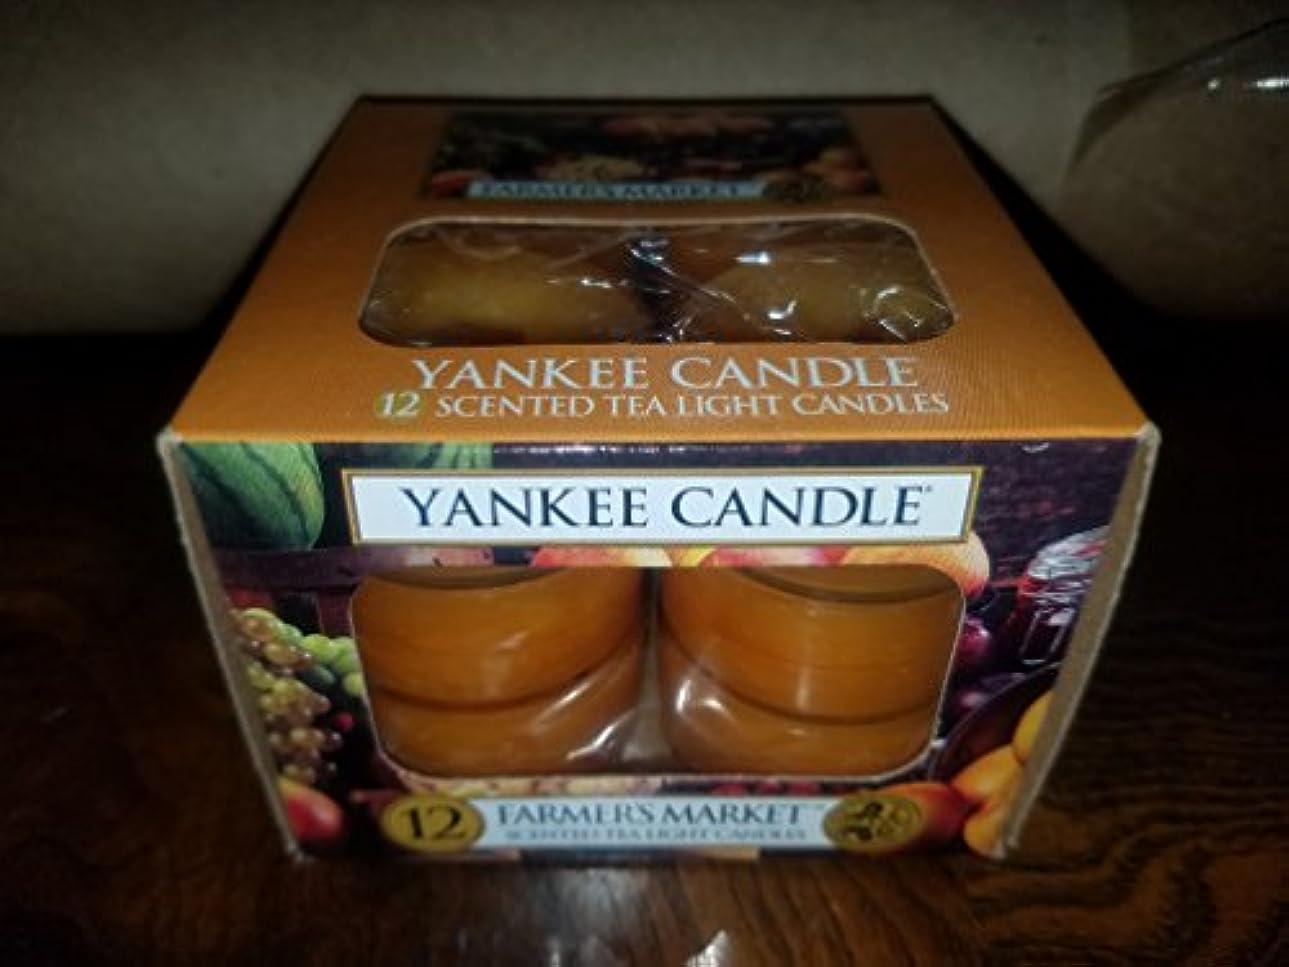 再生可能やさしく口述Yankee Candle Farmer 's Market, Food & Spice香り Tea Light Candles オレンジ 1163587-YC